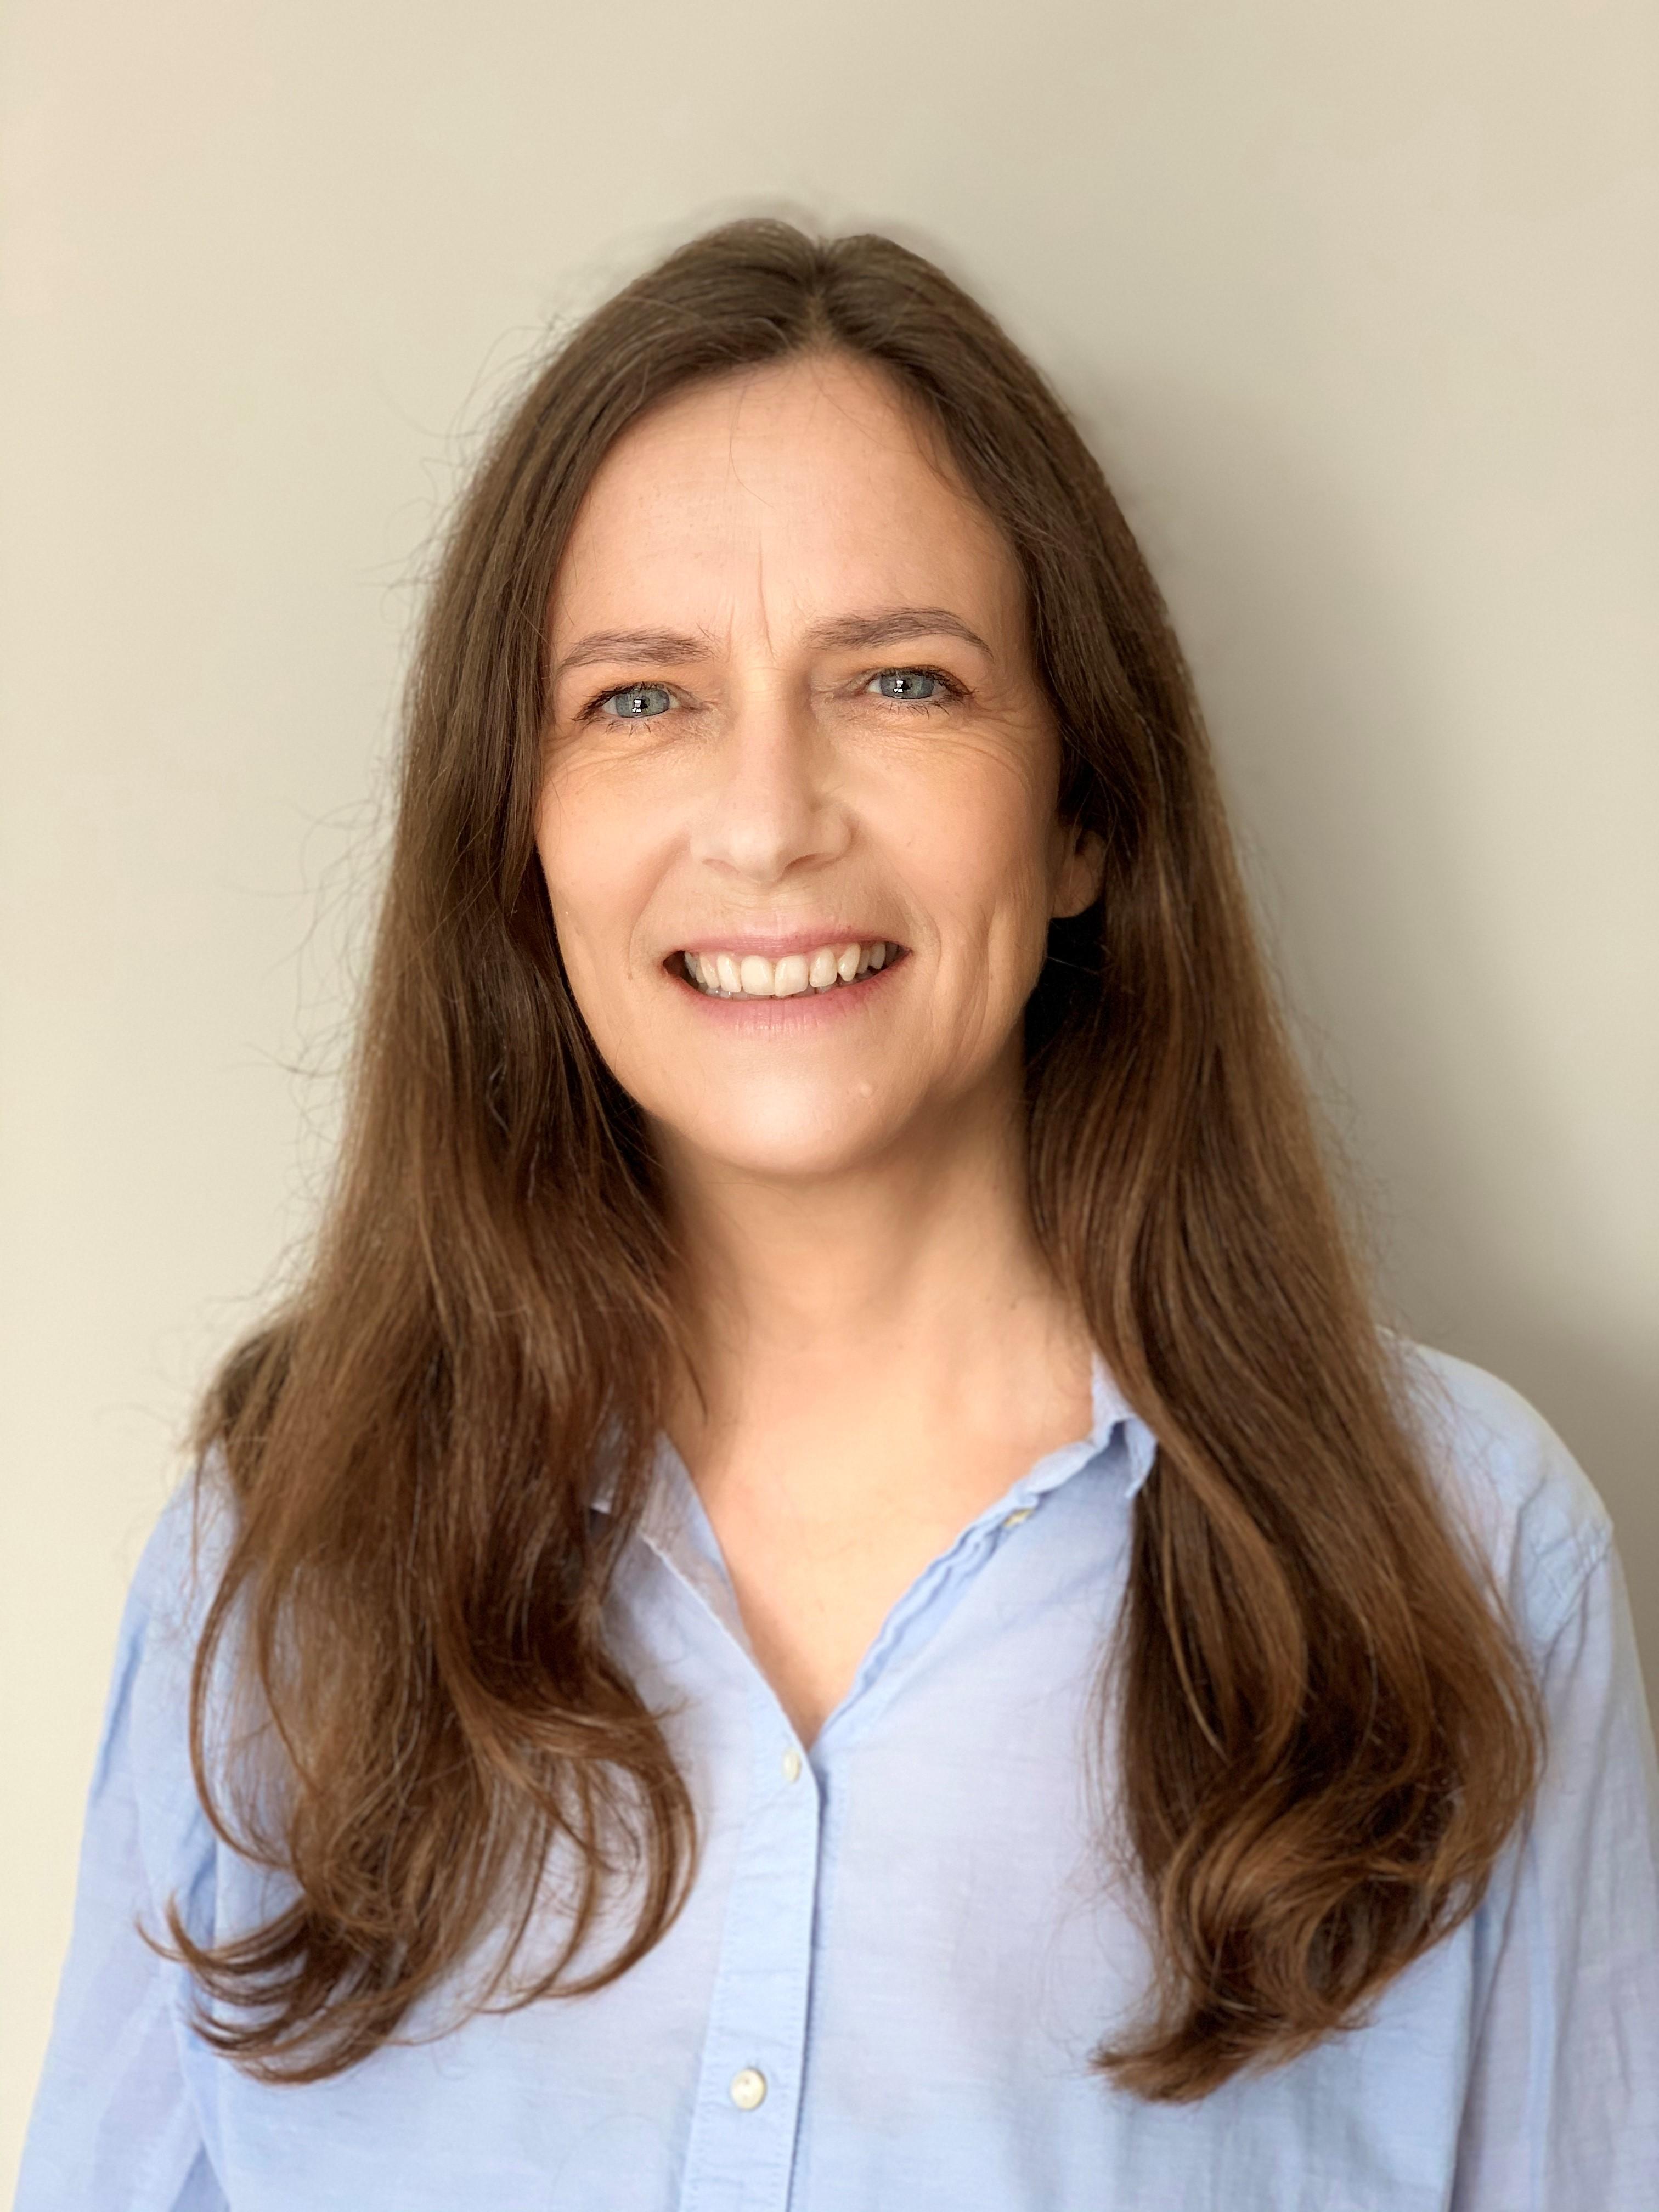 Sarah Kitt